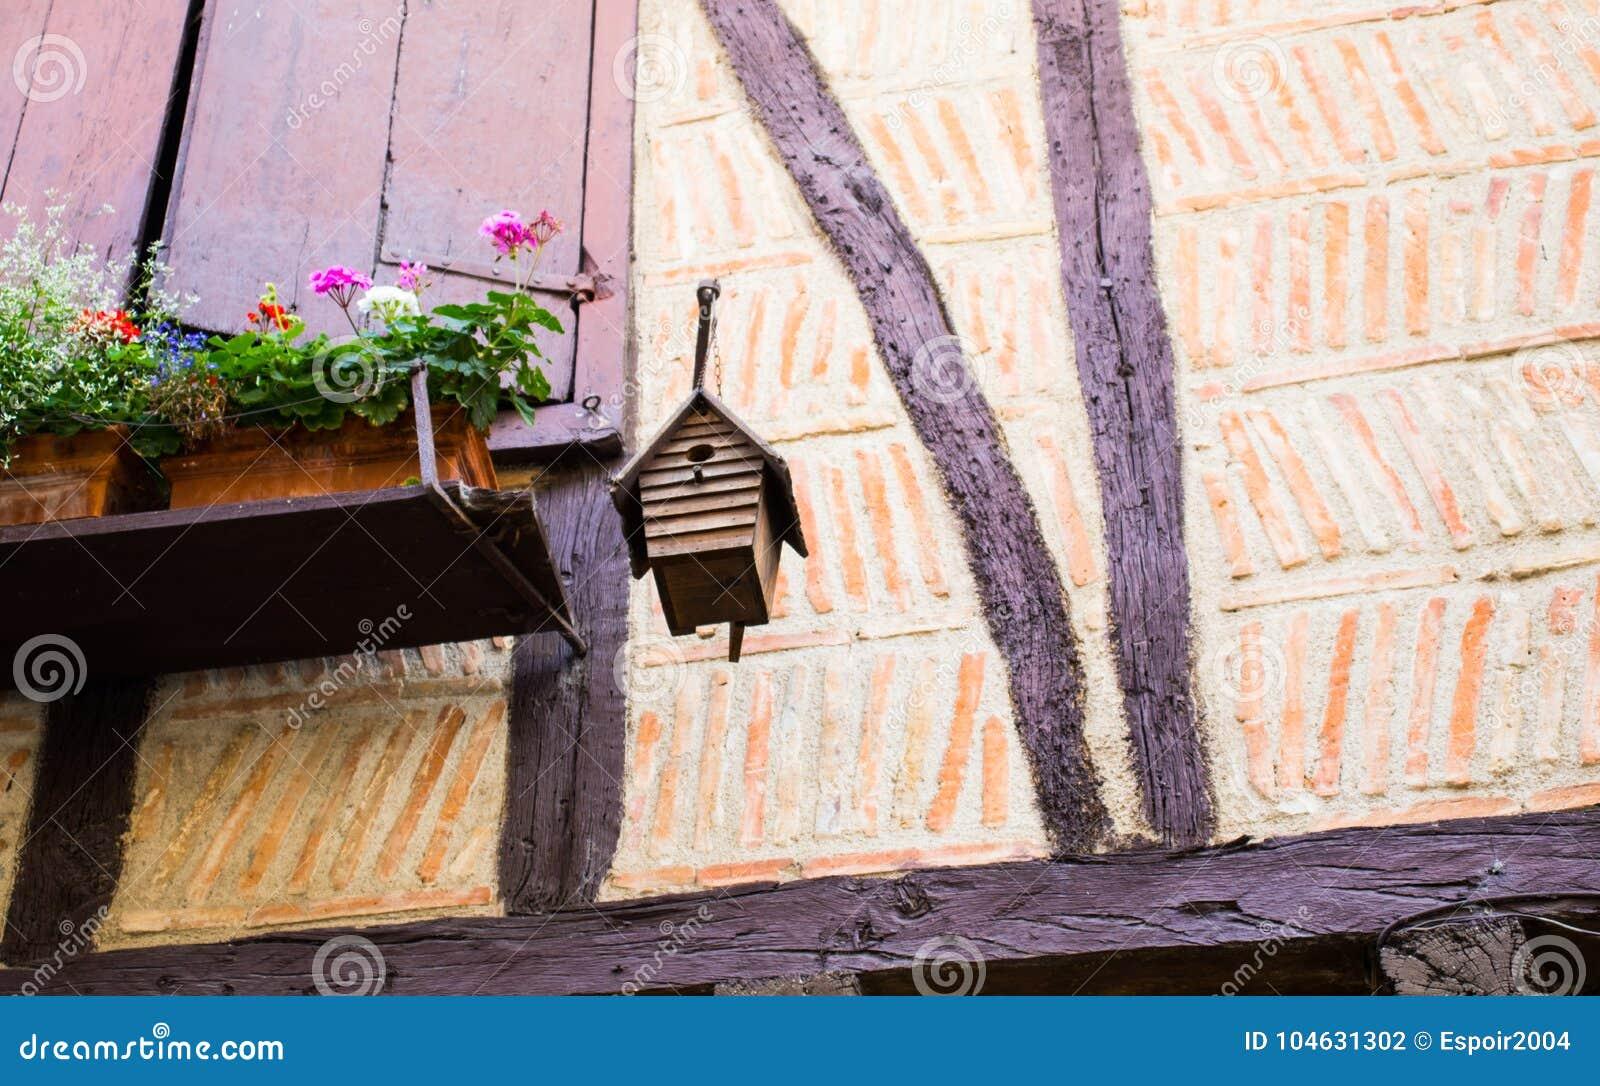 Download Vogelhuis Van Het Venster Van Een Oud Huis Met Stralen Wordt Opgeschort Die Stock Foto - Afbeelding bestaande uit leeg, doos: 104631302